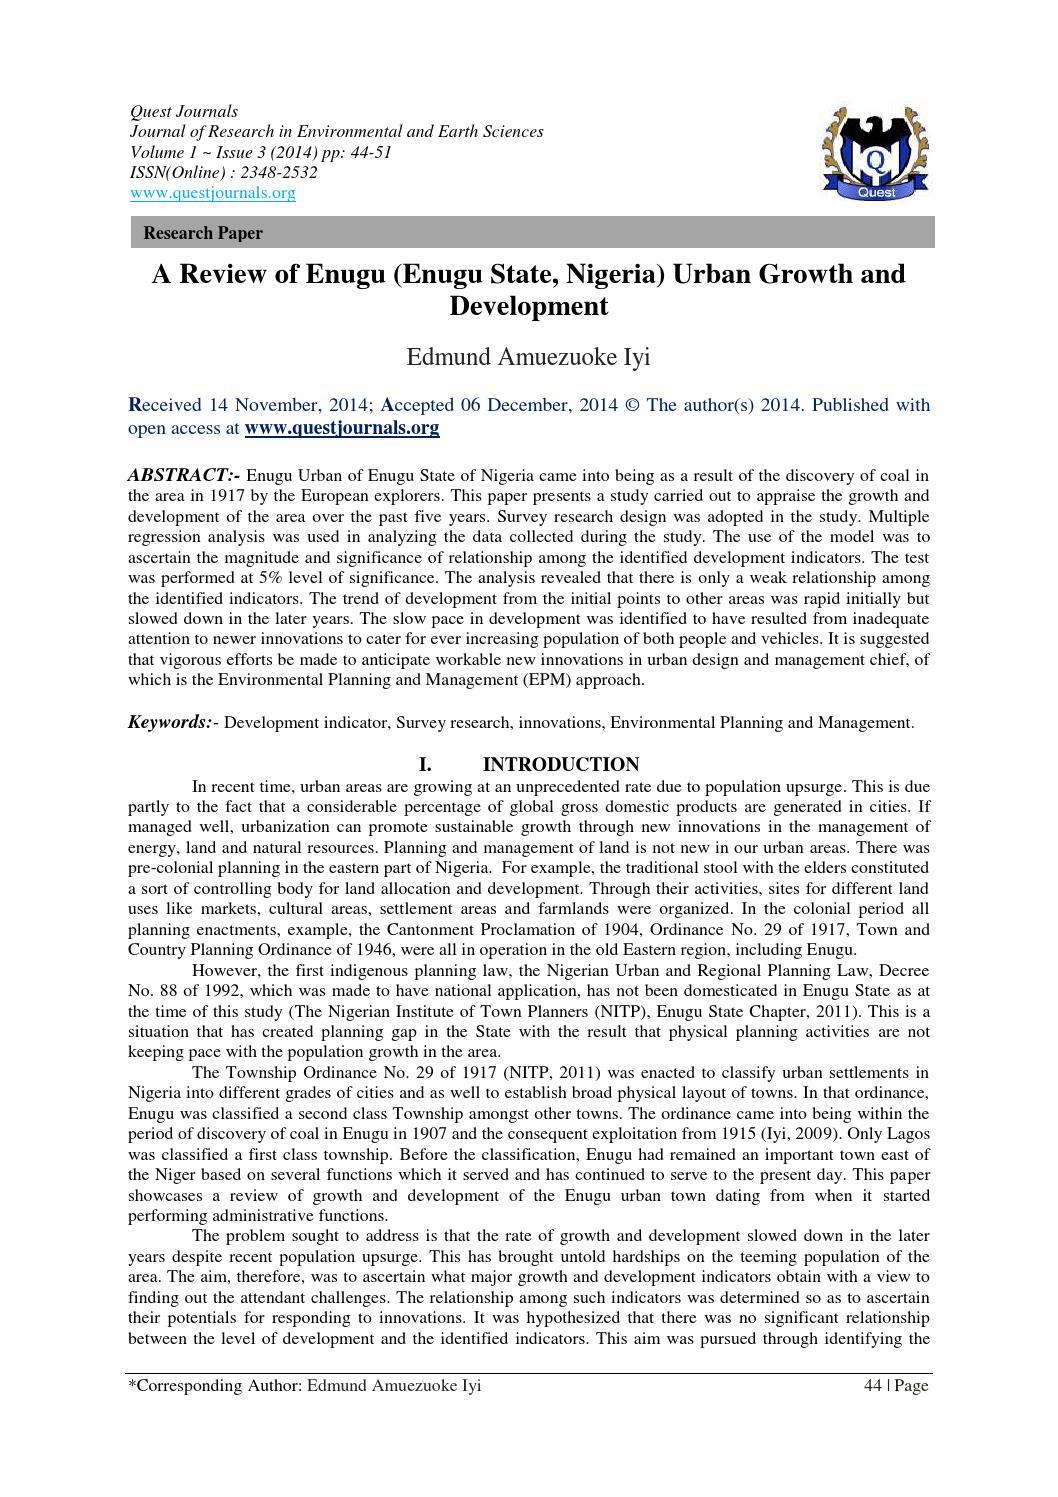 A Review of Enugu (Enugu State, Nigeria) Urban Growth and